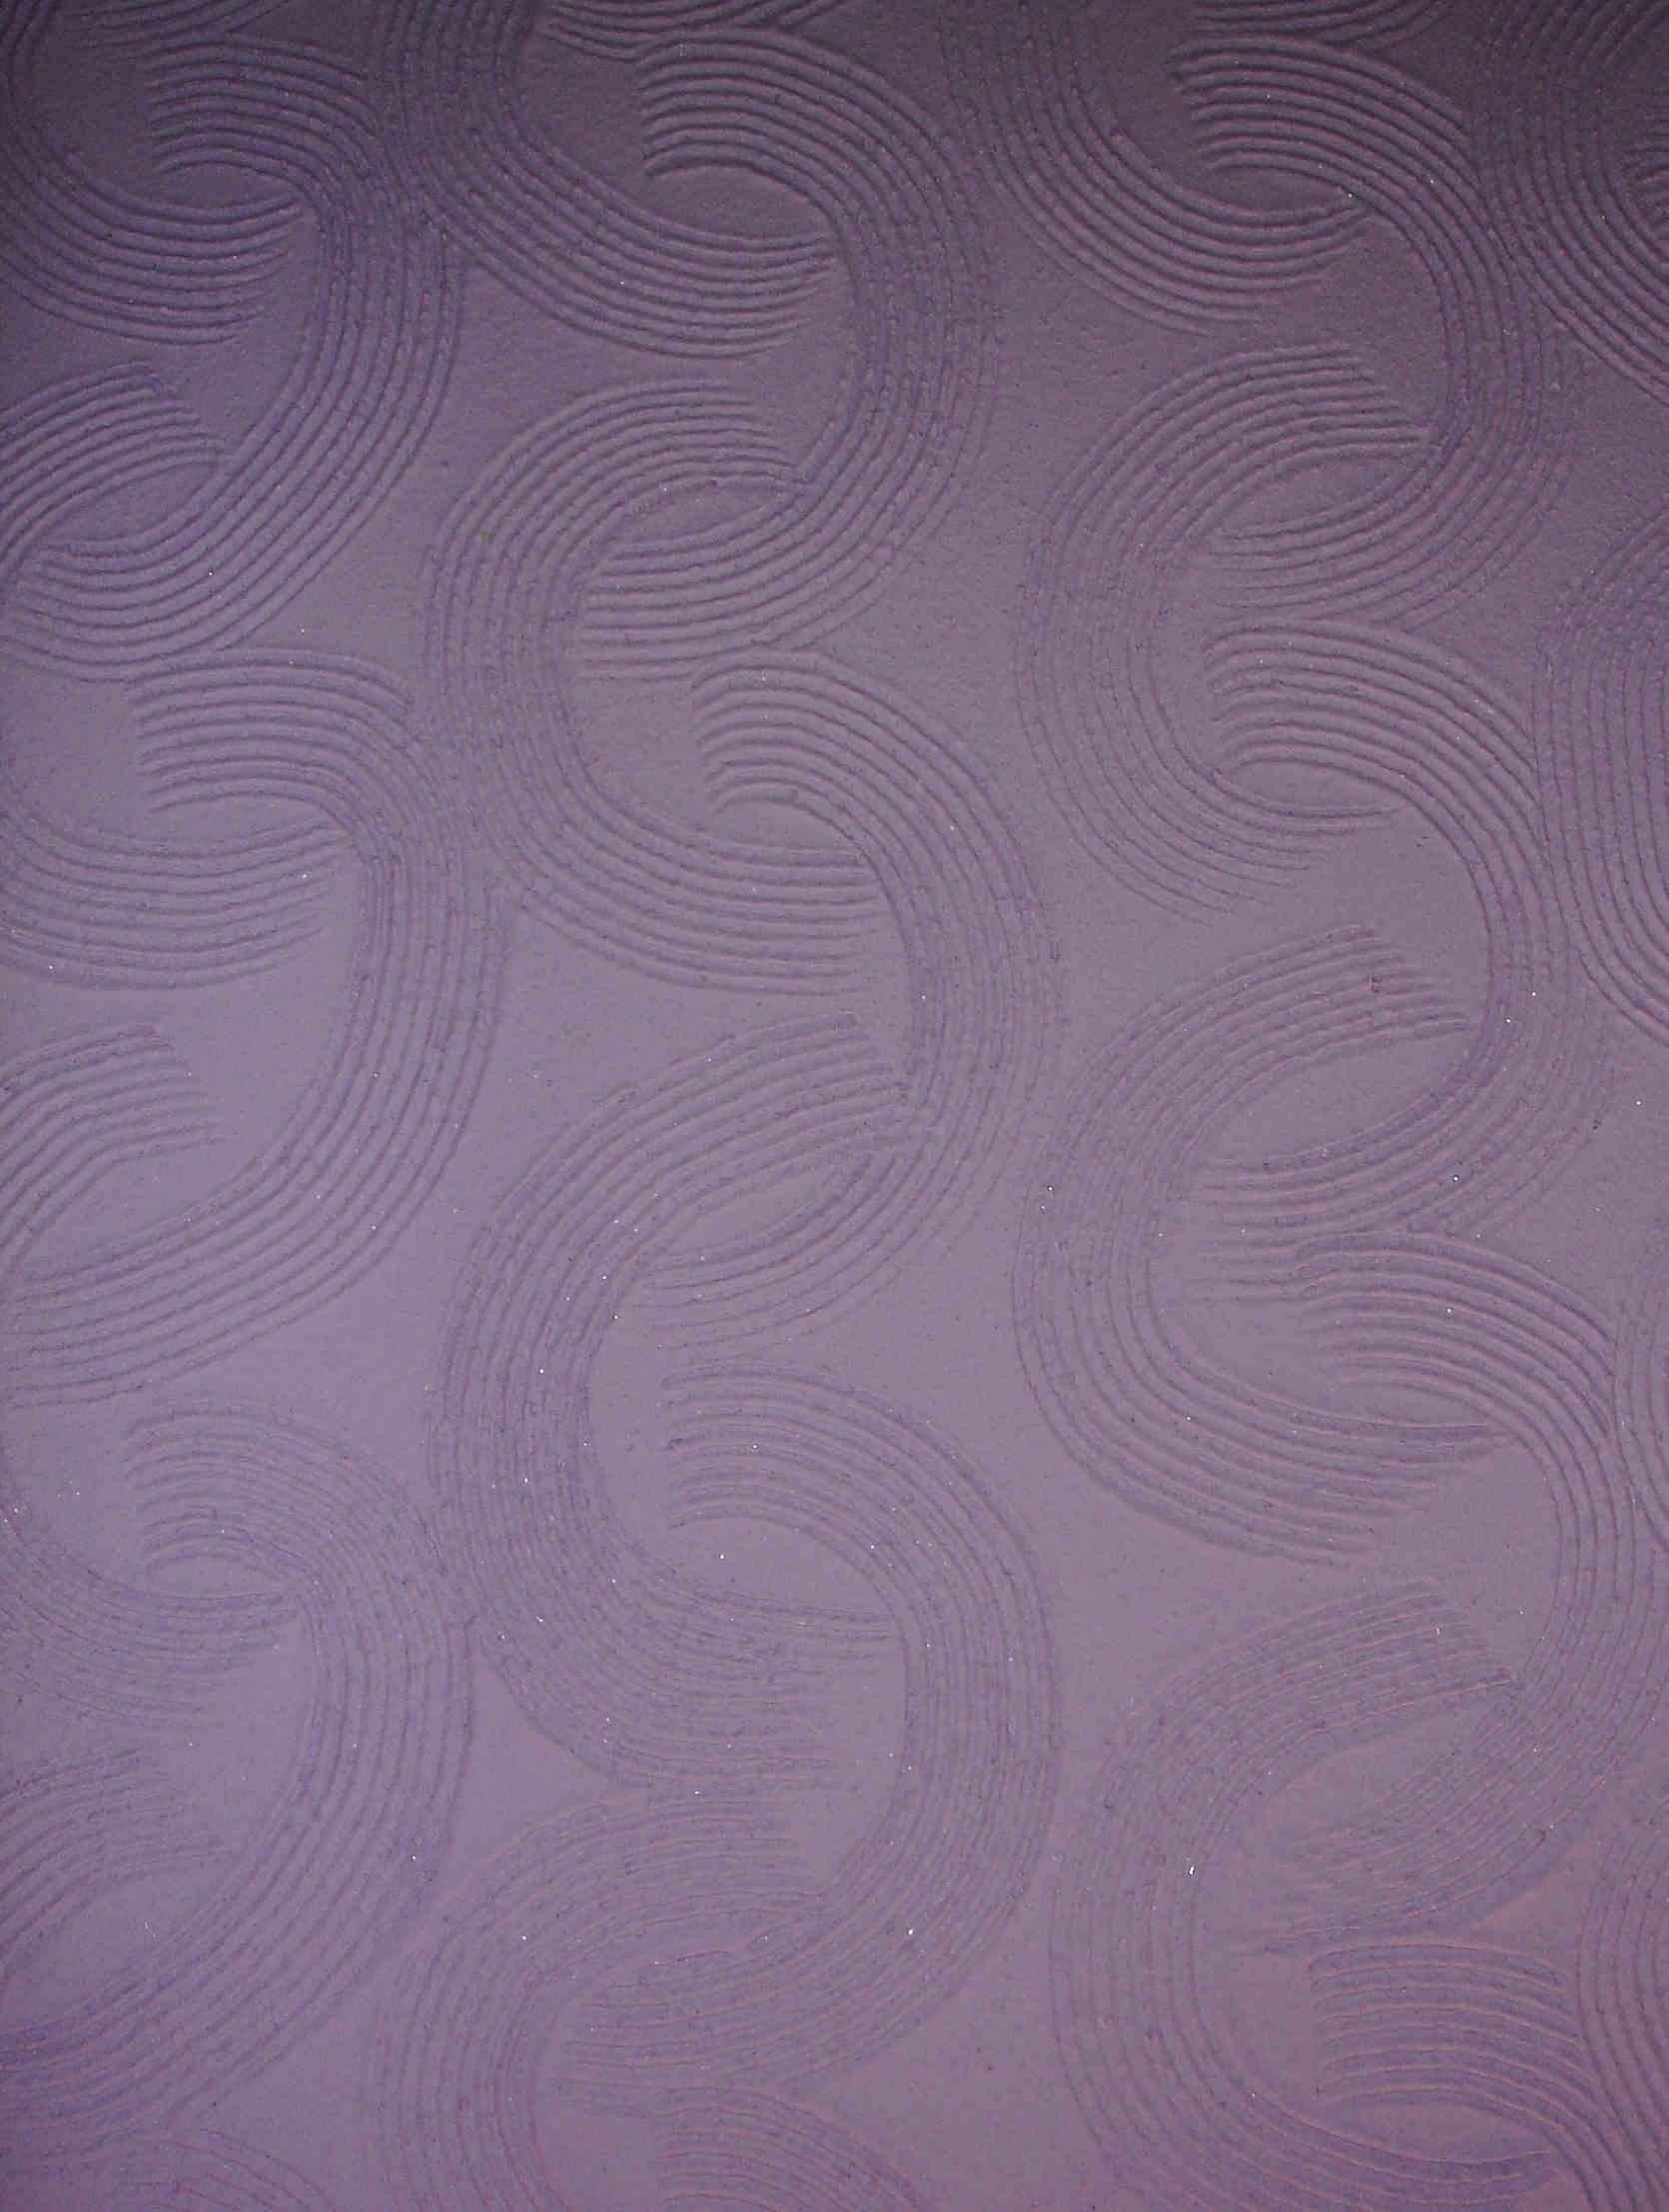 硅藻泥图案